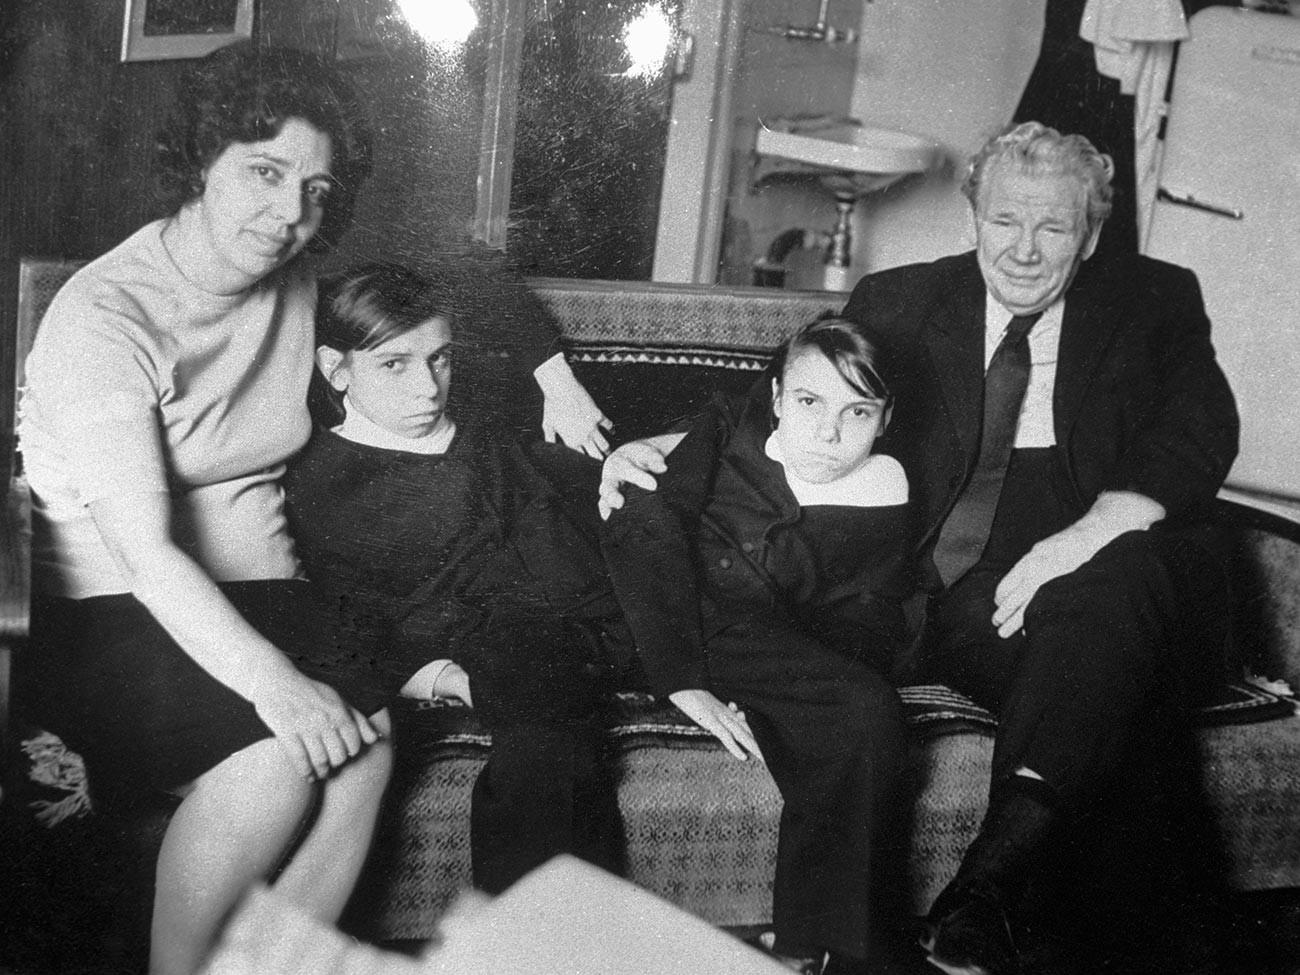 ダーシャ・クリヴォシリャポワとマーシャ・クリヴォシリャポワとピョートル・アノーヒン(右側)と共に